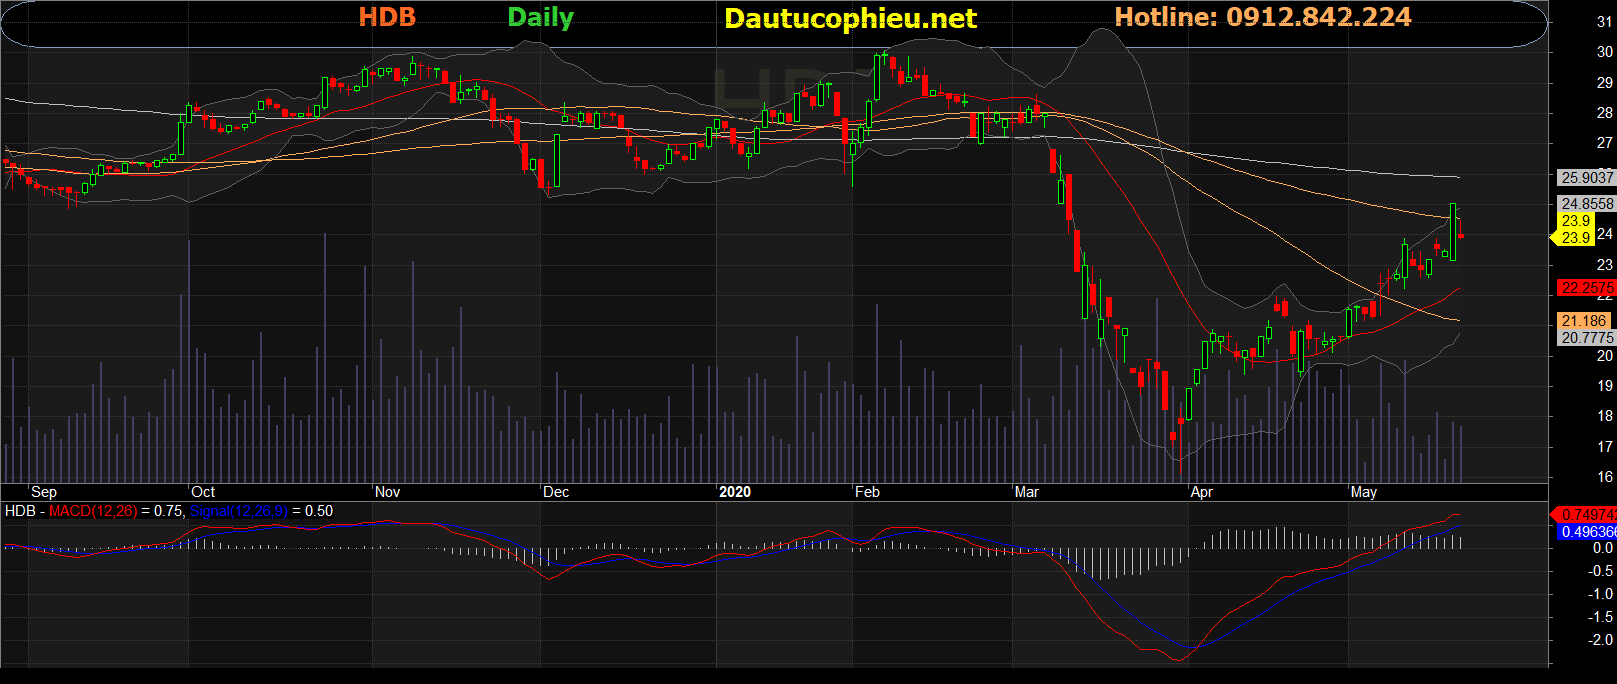 Cổ phiếu HDB